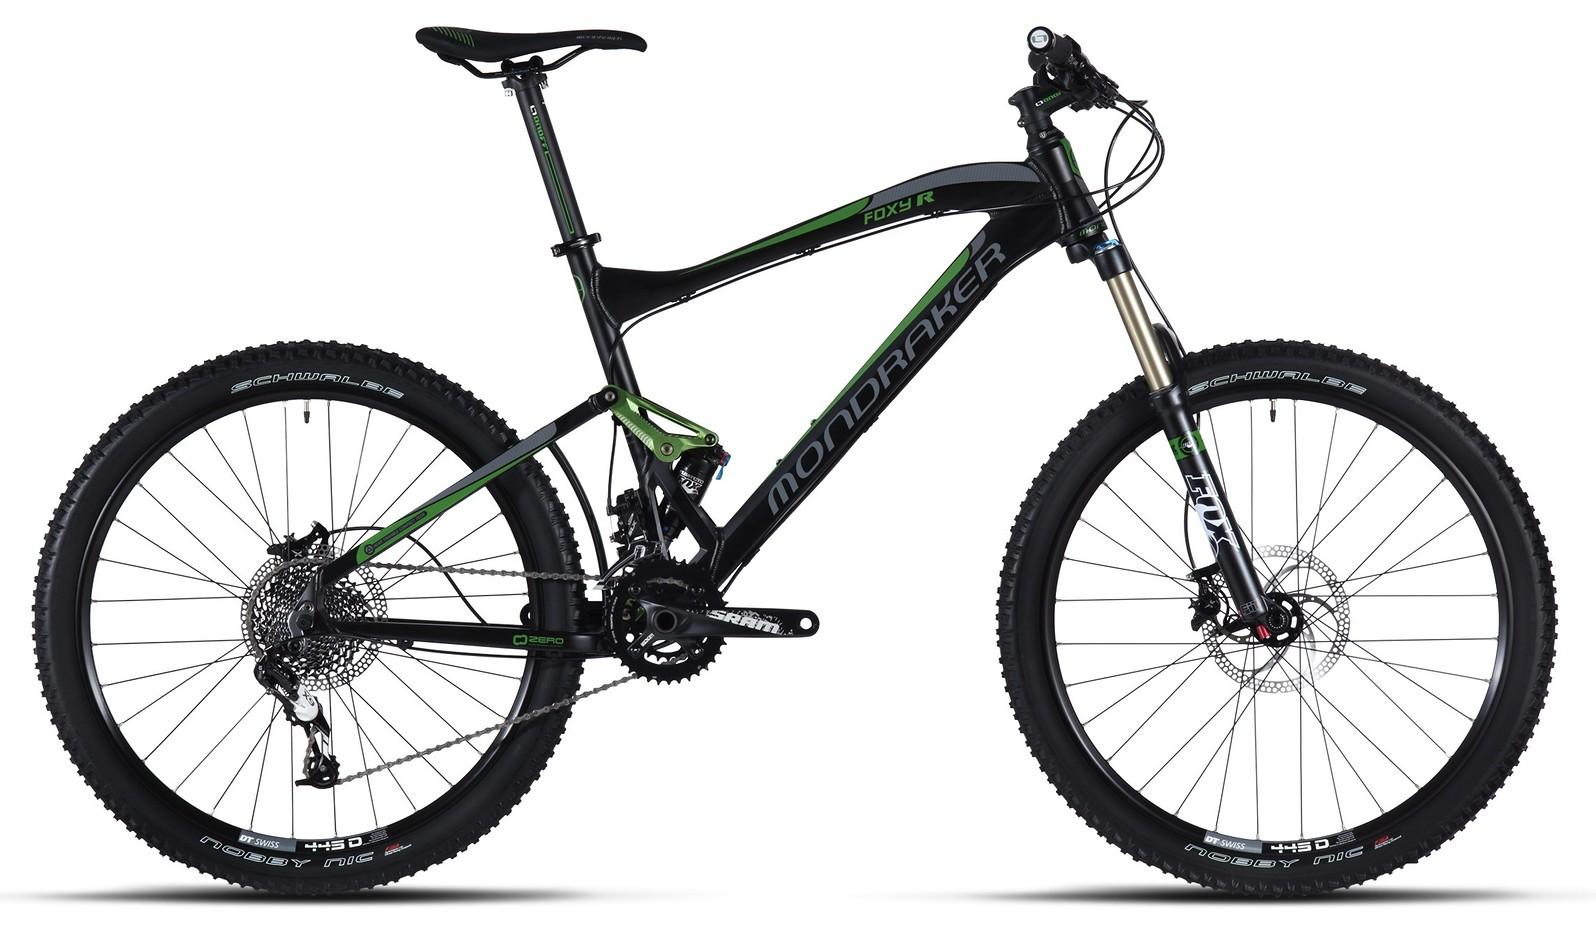 2013 Mondraker Foxy R Bike bike - mondraker foxy r